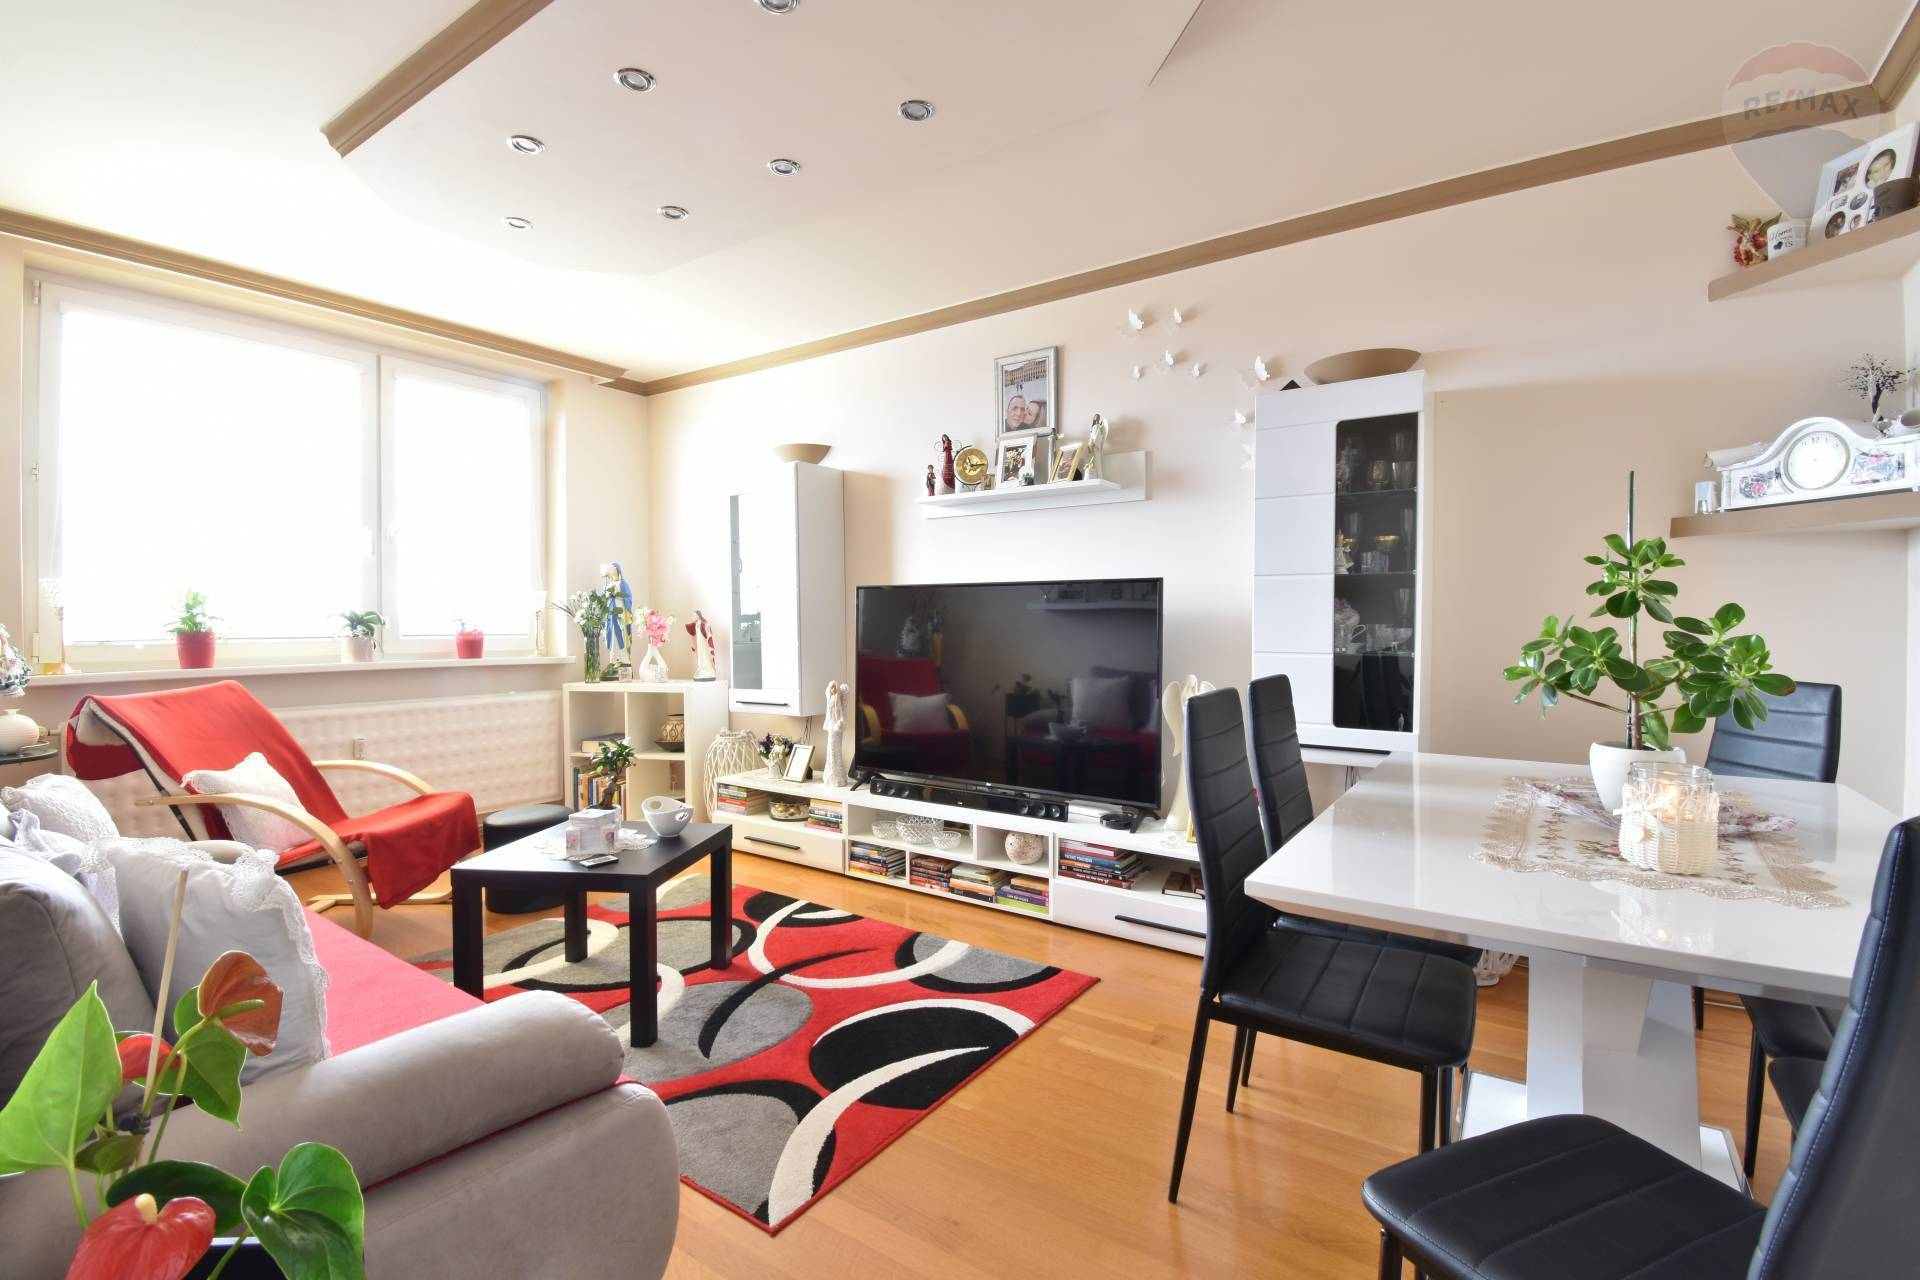 NOVINKA - Predaj 4 izbový byt, 79 m2, Štúrova ulica, Malacky, Kompletná rekonštrukcia